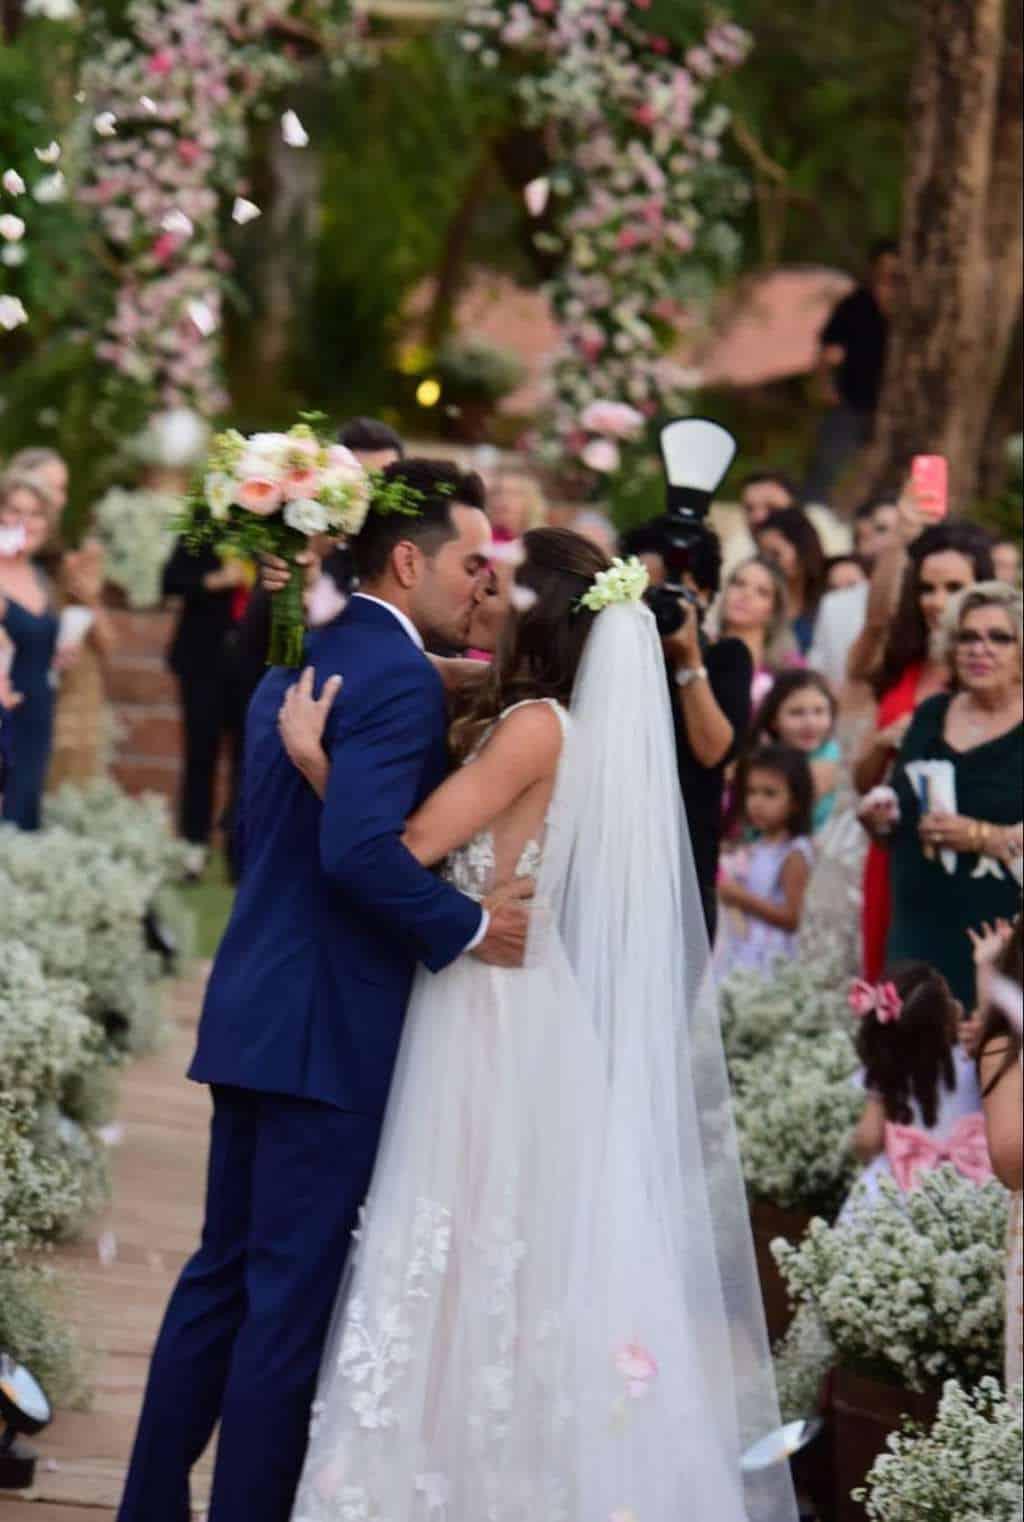 casamento-boho-Casamento-Nicolle-e-Pedro-casamento-rosa-Estalagem-Alter-Real-Fotografia-Estudio-Maria-Celia-Siqueira-Fotografia-Rosana-Sales-Goiania-Stories-15-e1537555600212